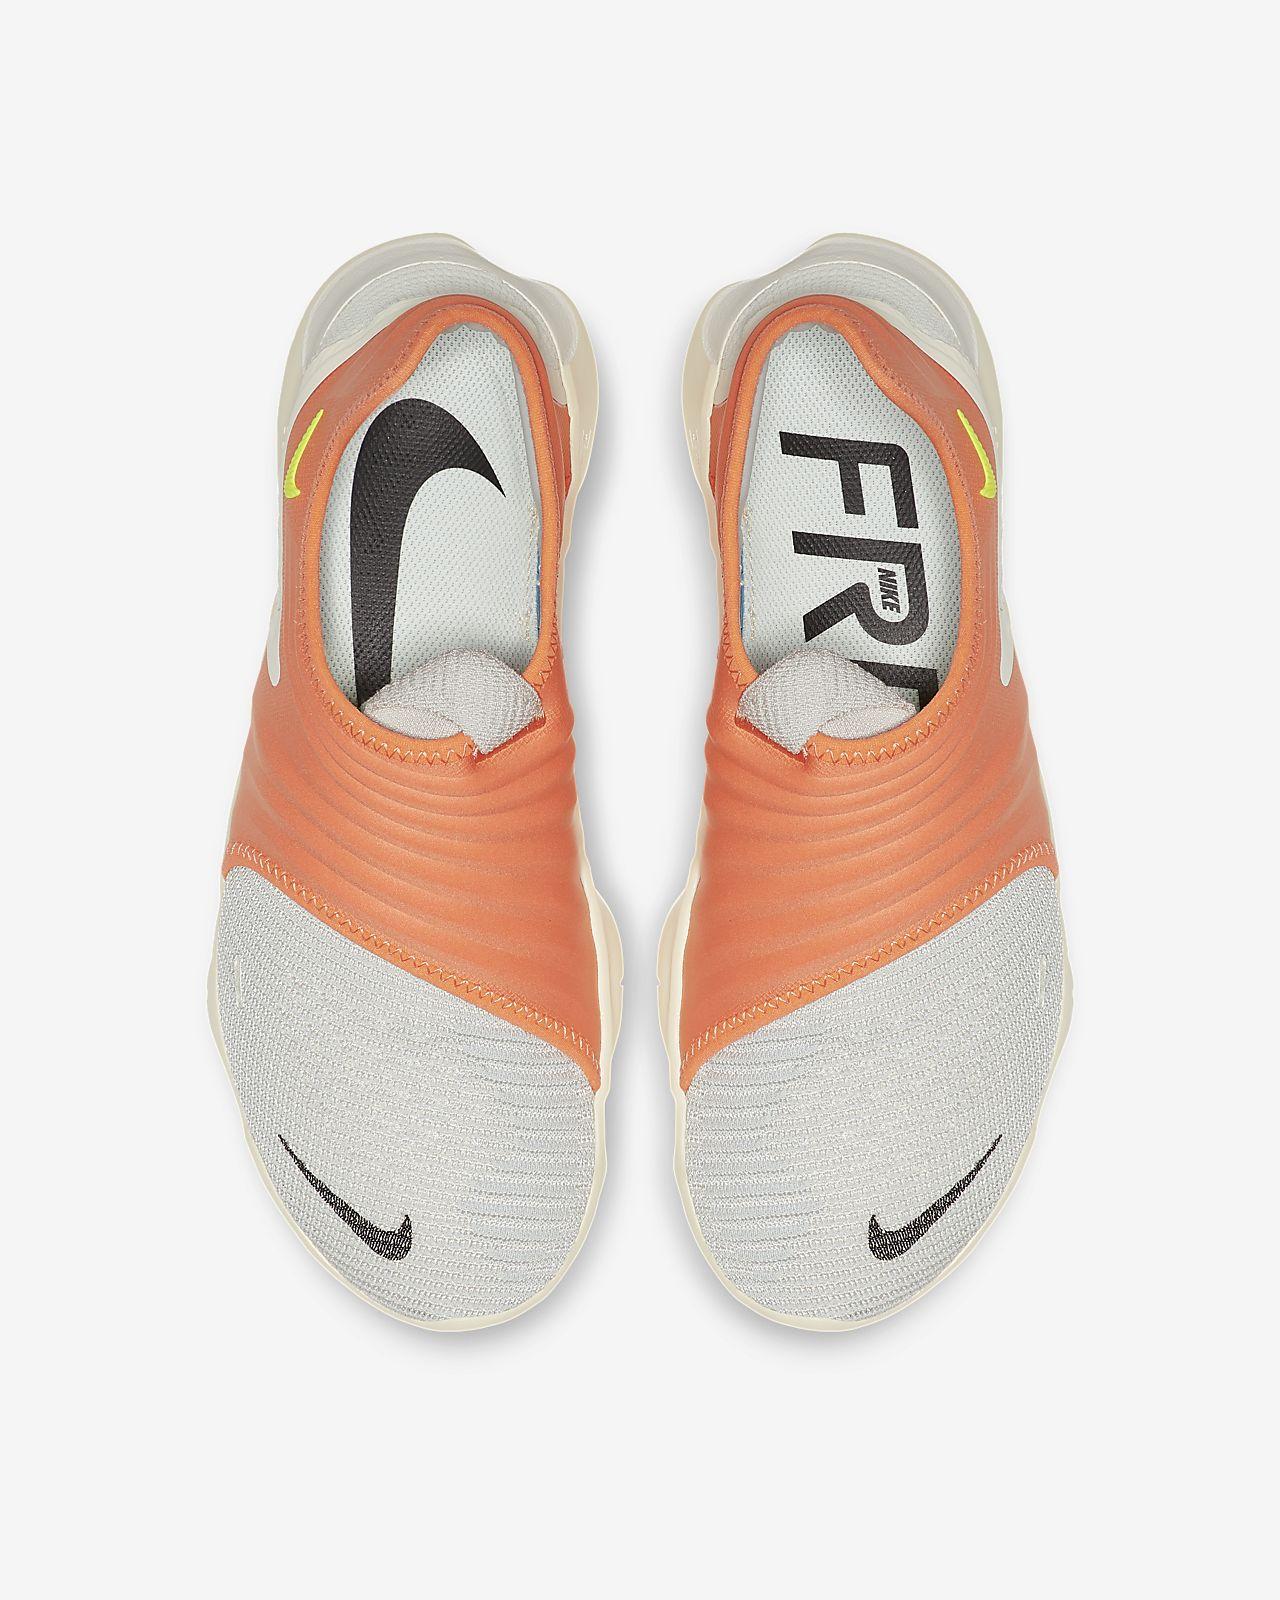 super popular 6ad89 1e926 ... Nike Free RN Flyknit 3.0 NRG Men s Running Shoe